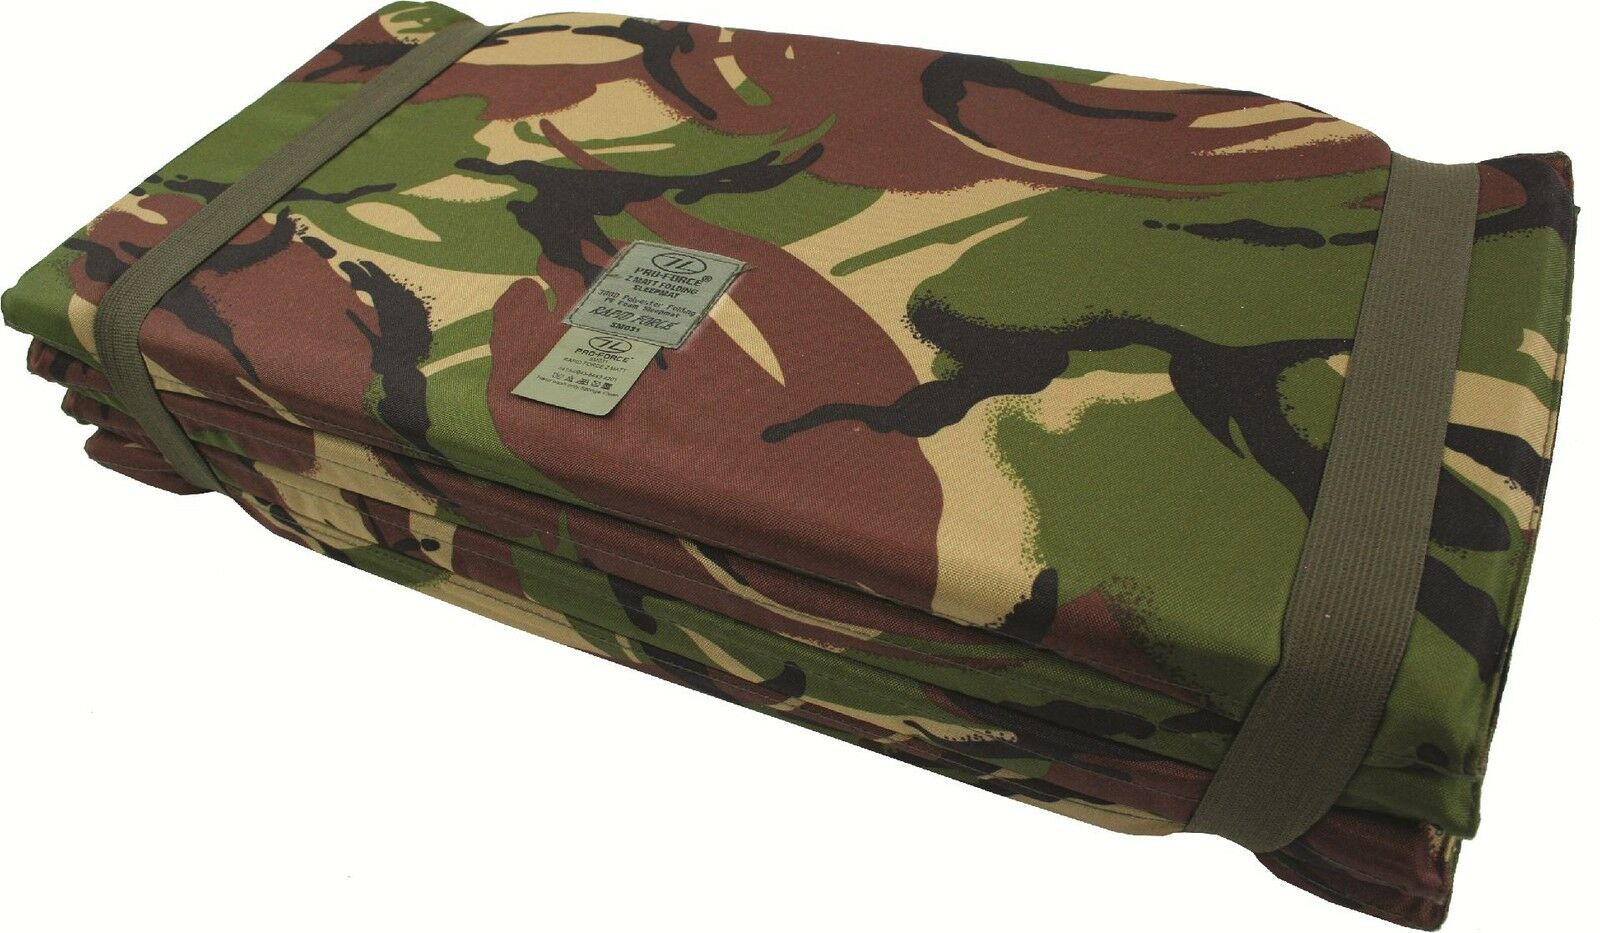 NEW Z MAT SLEEPING MAT Camping Bushcraft h